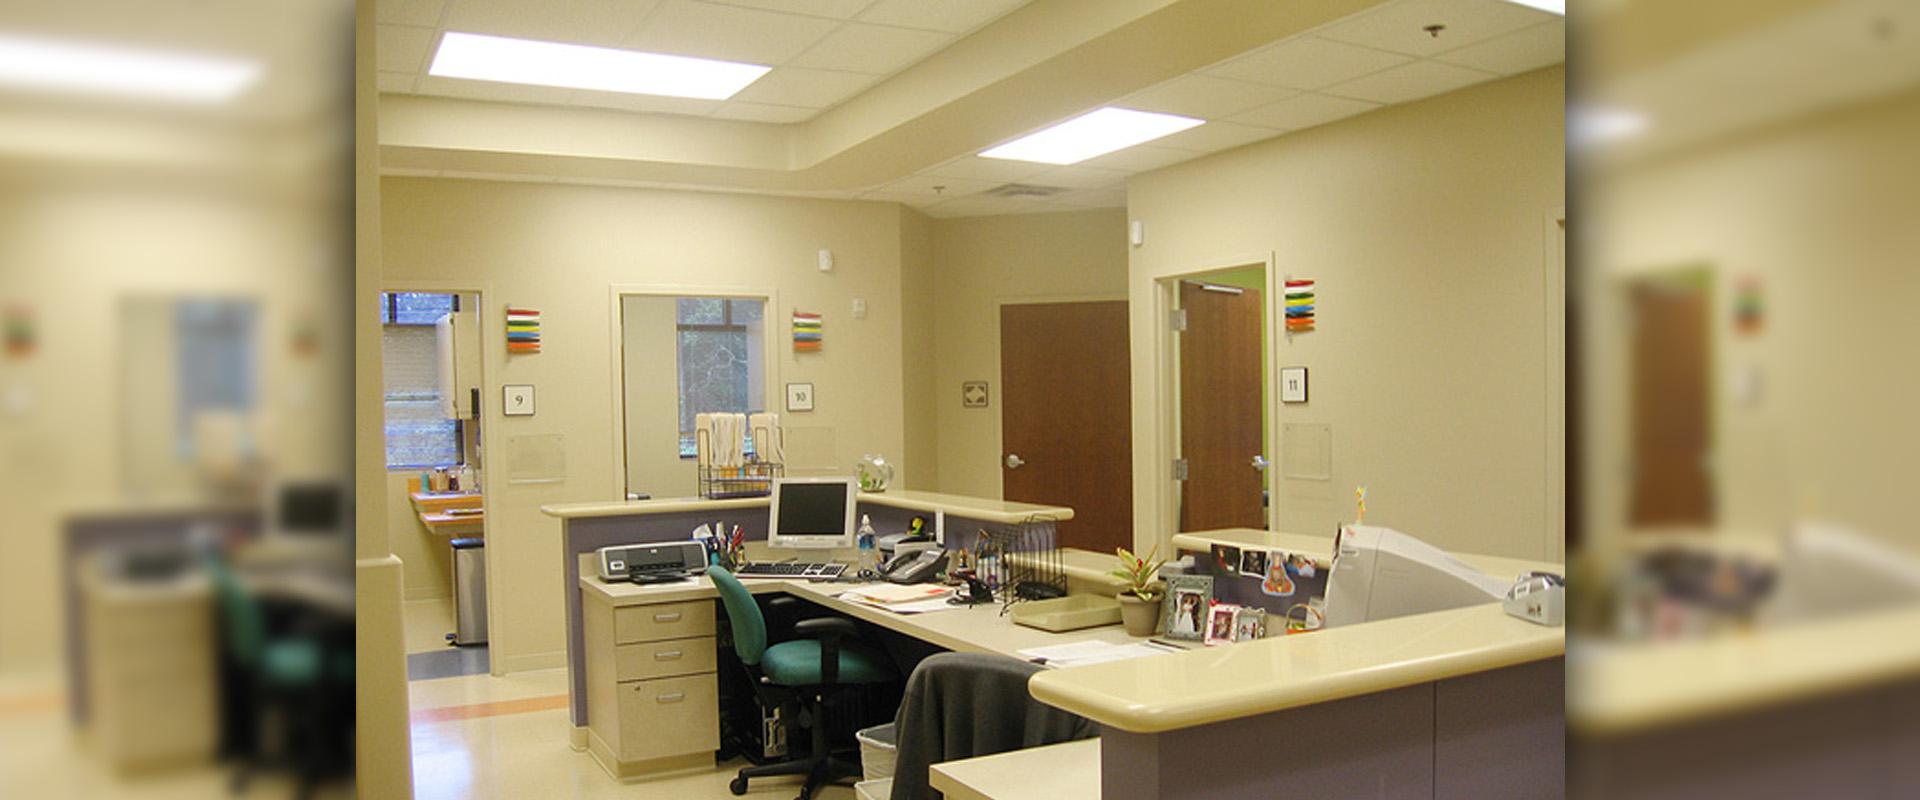 Marble Hill Medical Center - Workstation